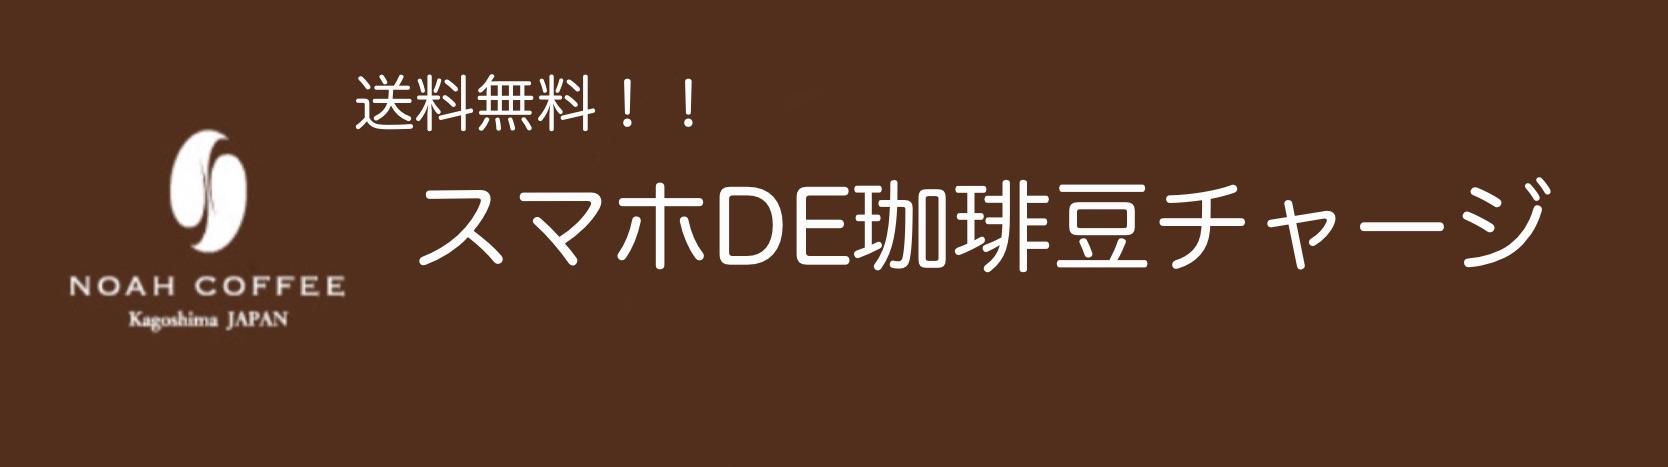 スマホDE珈琲豆チャージバナー